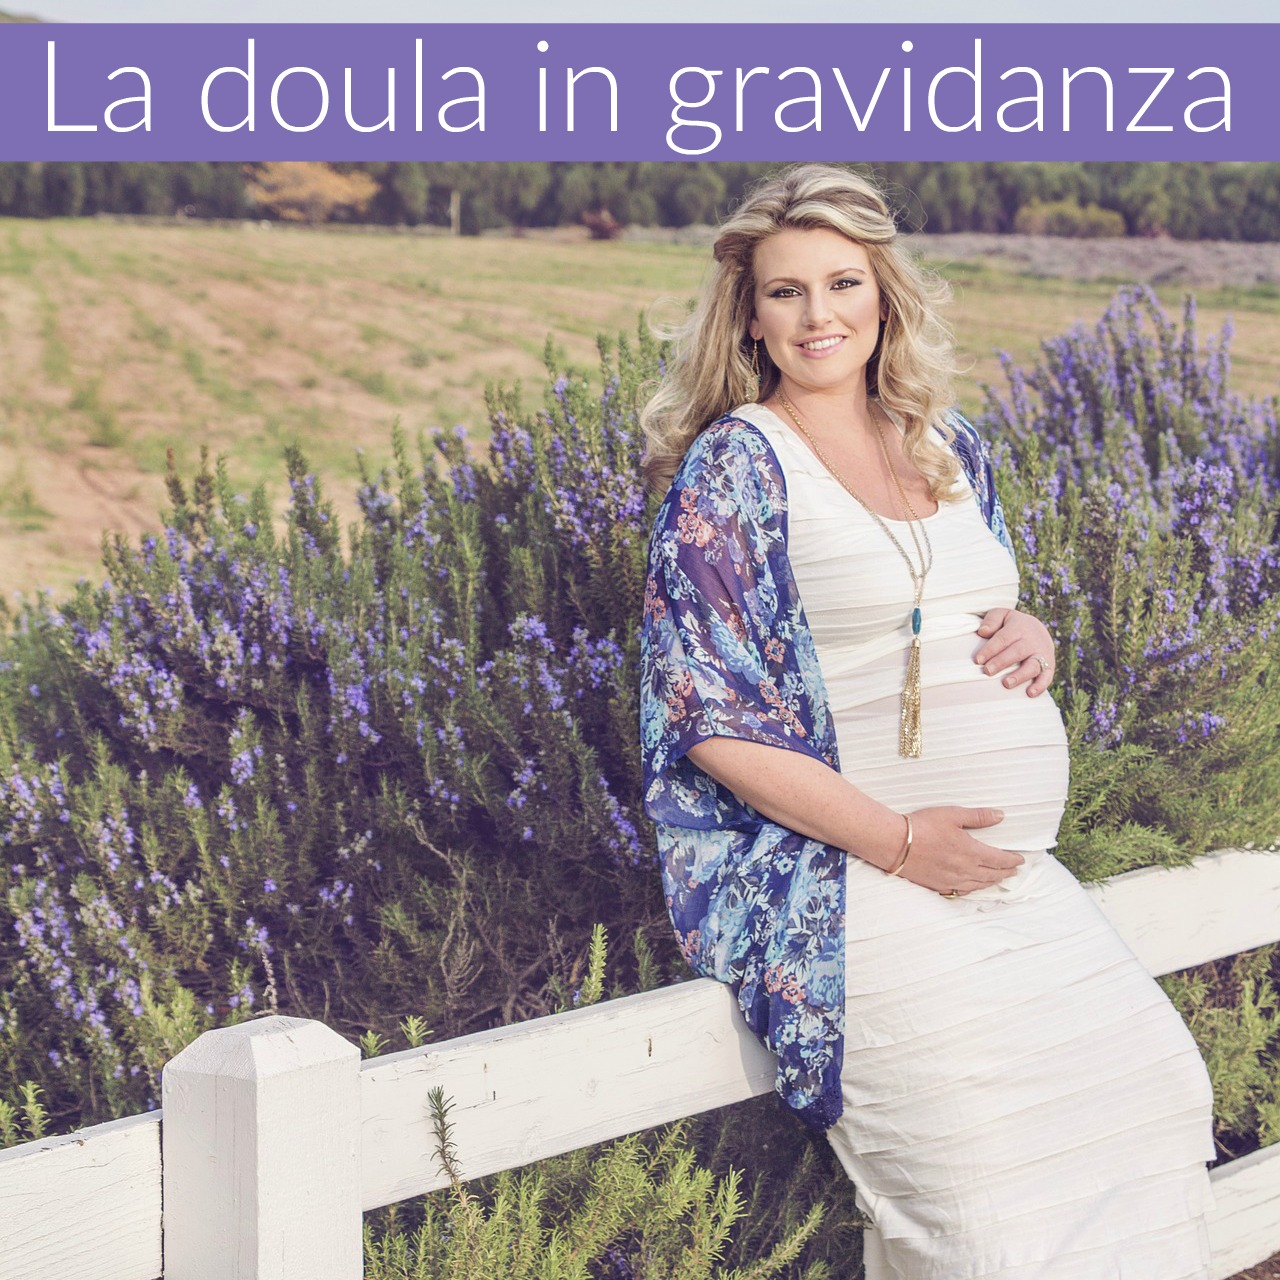 doula-gravidanza